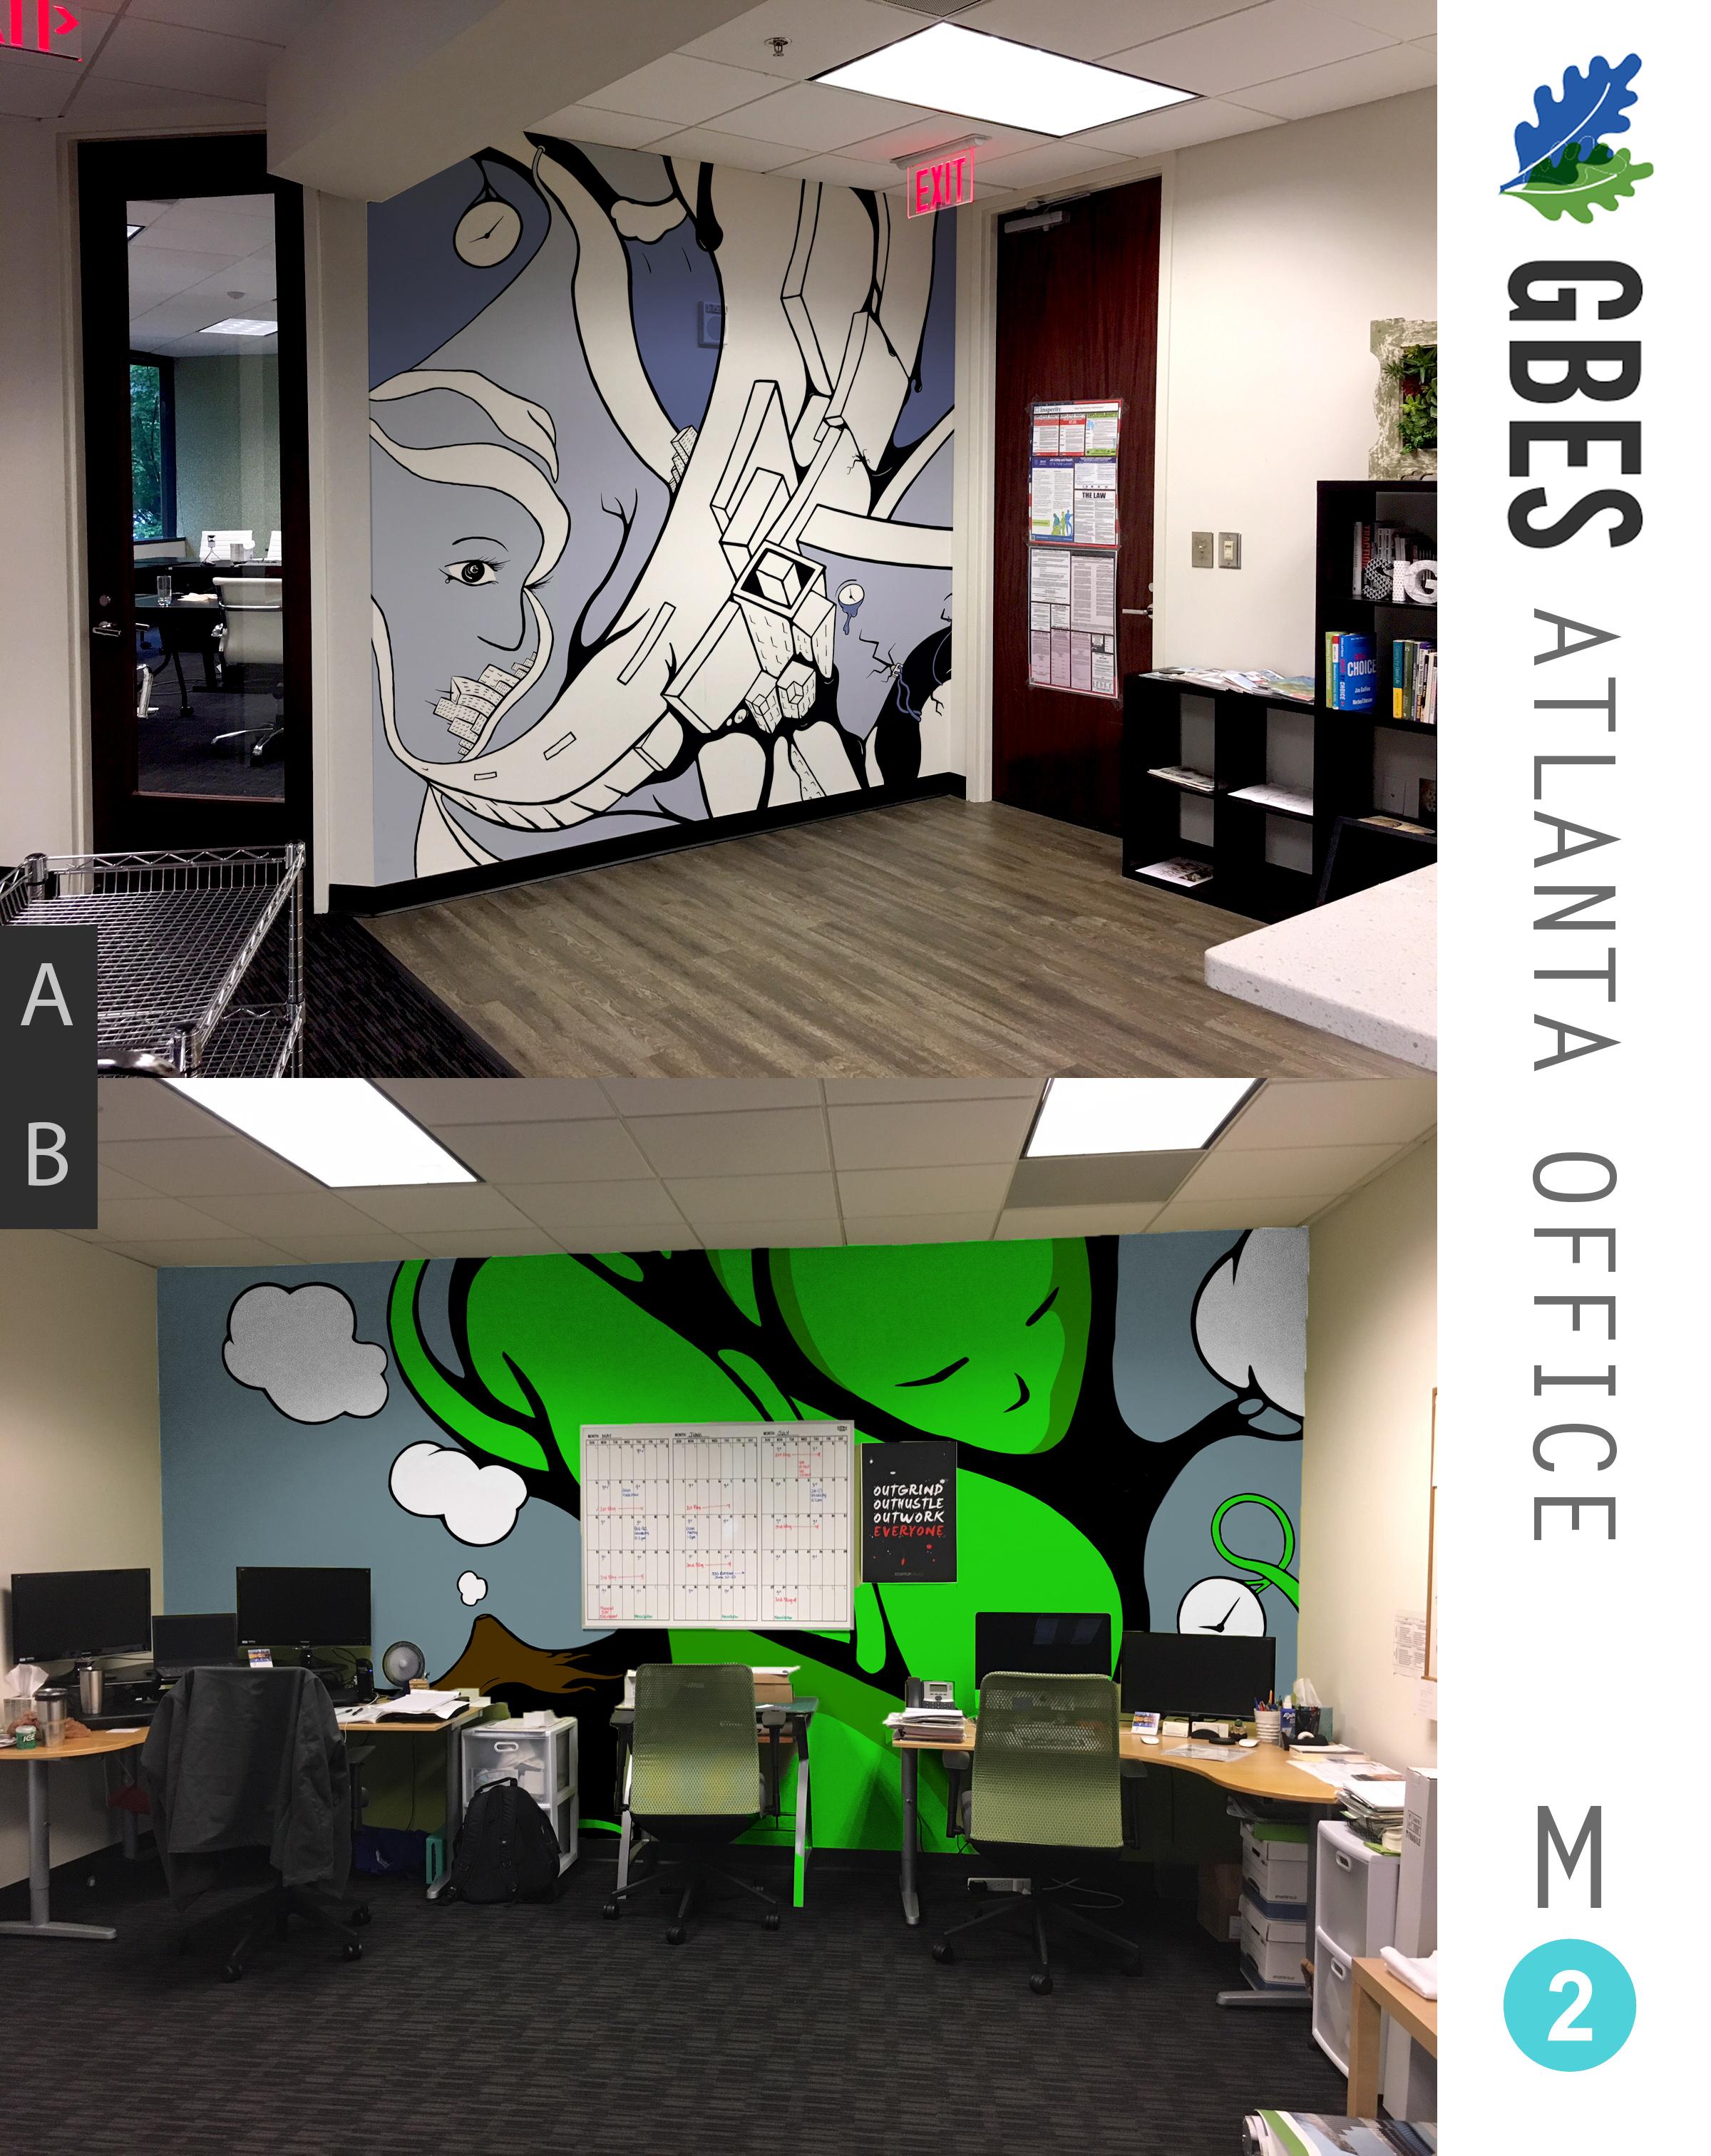 gbes-mural-mock-02